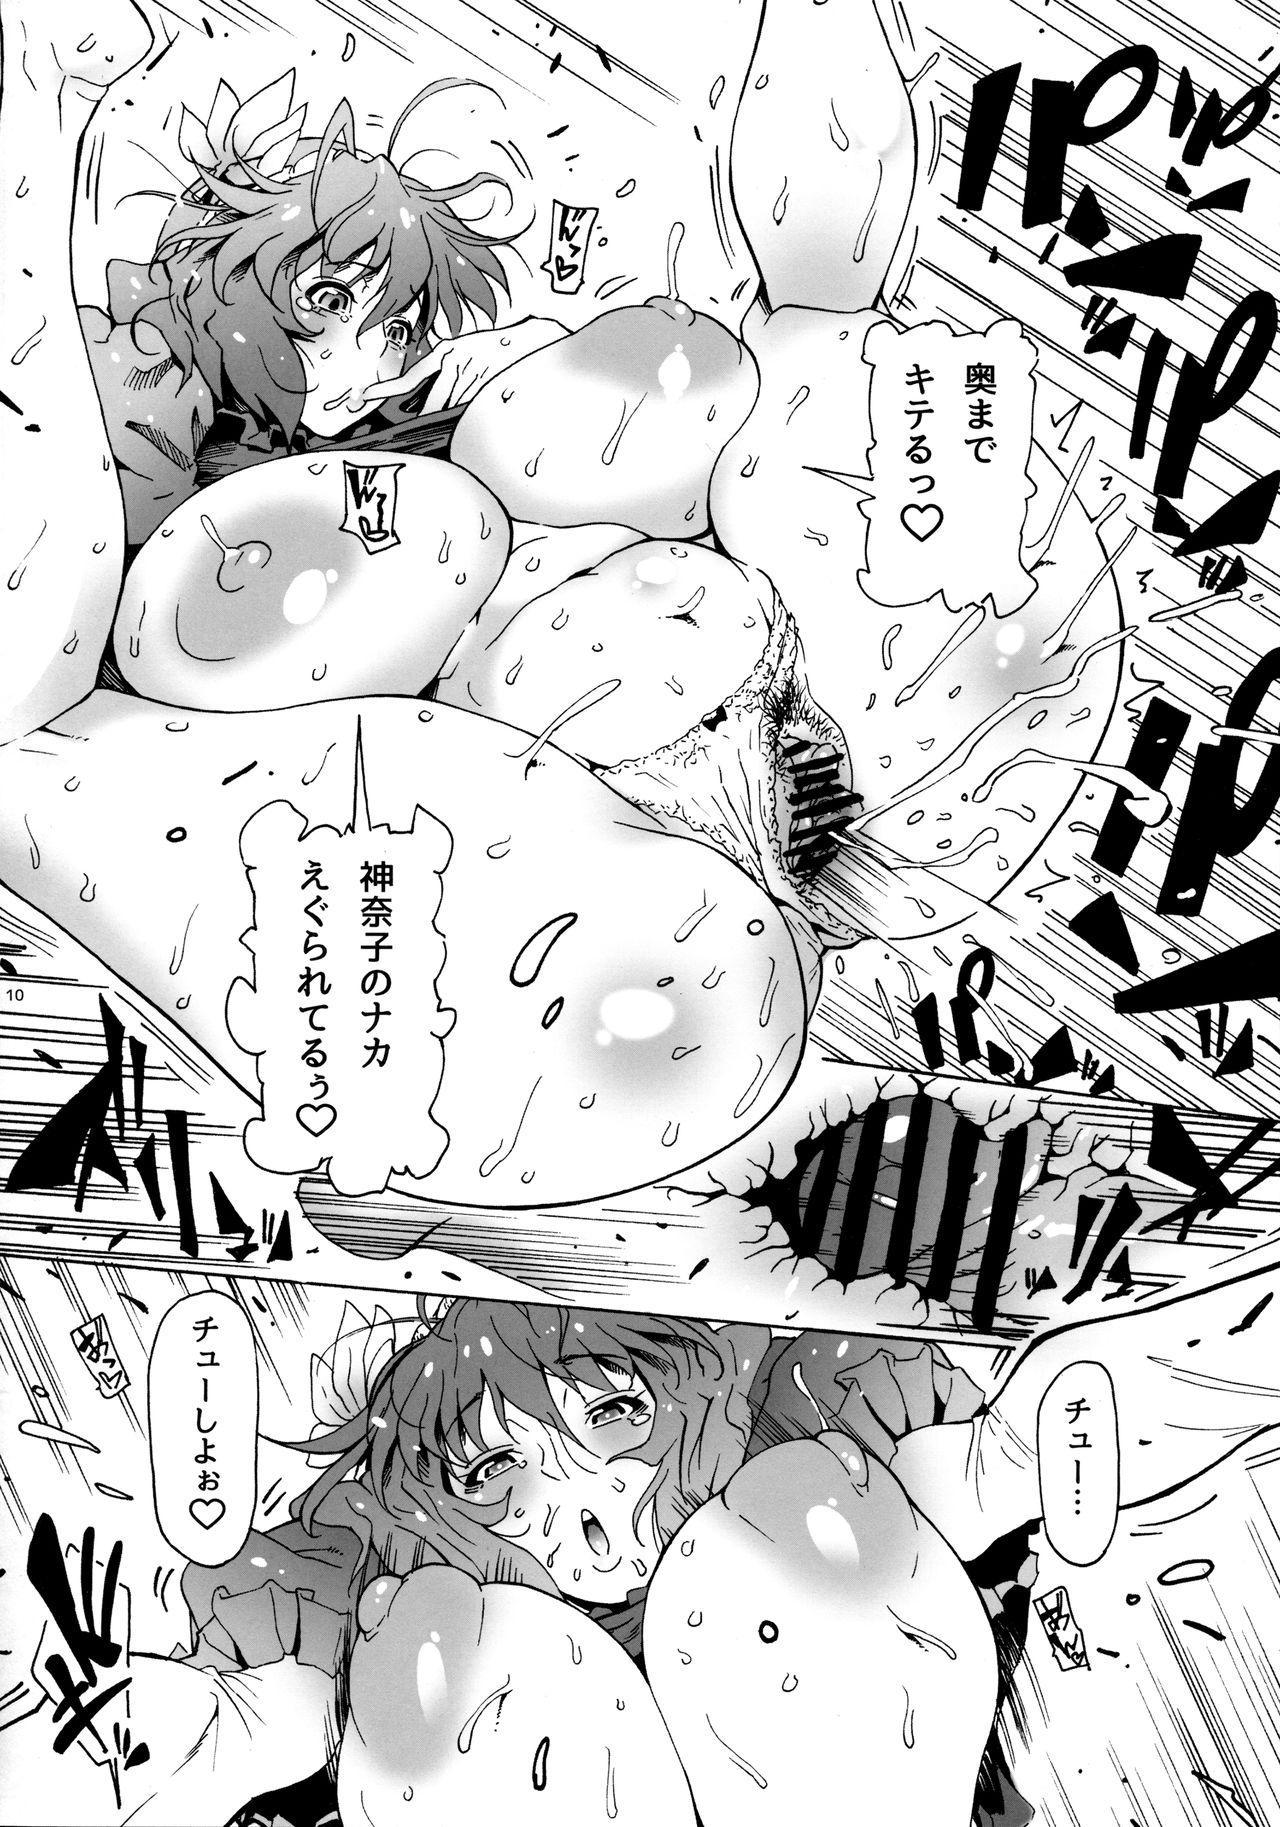 Kanako-sama wa Amaetai! 10